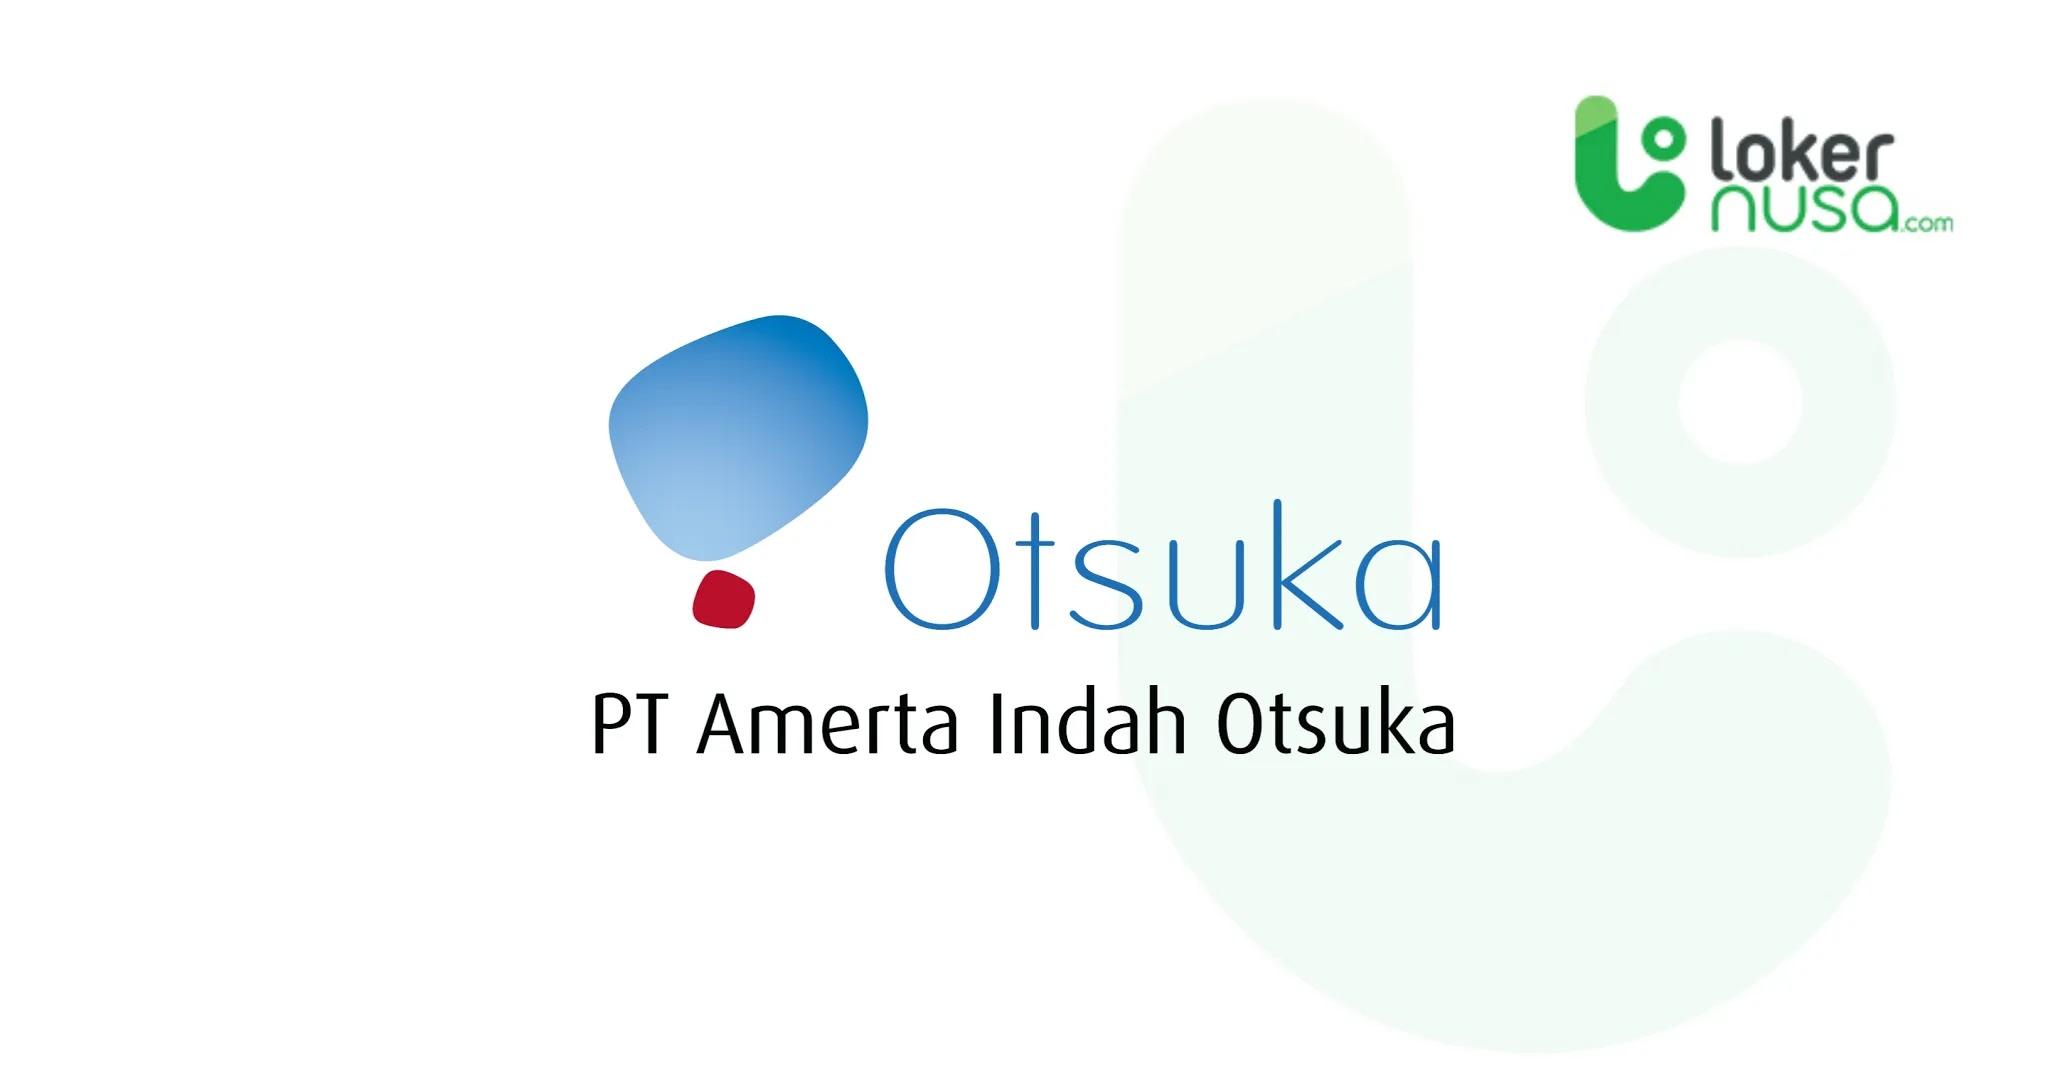 Lowongan Magang Otsuka